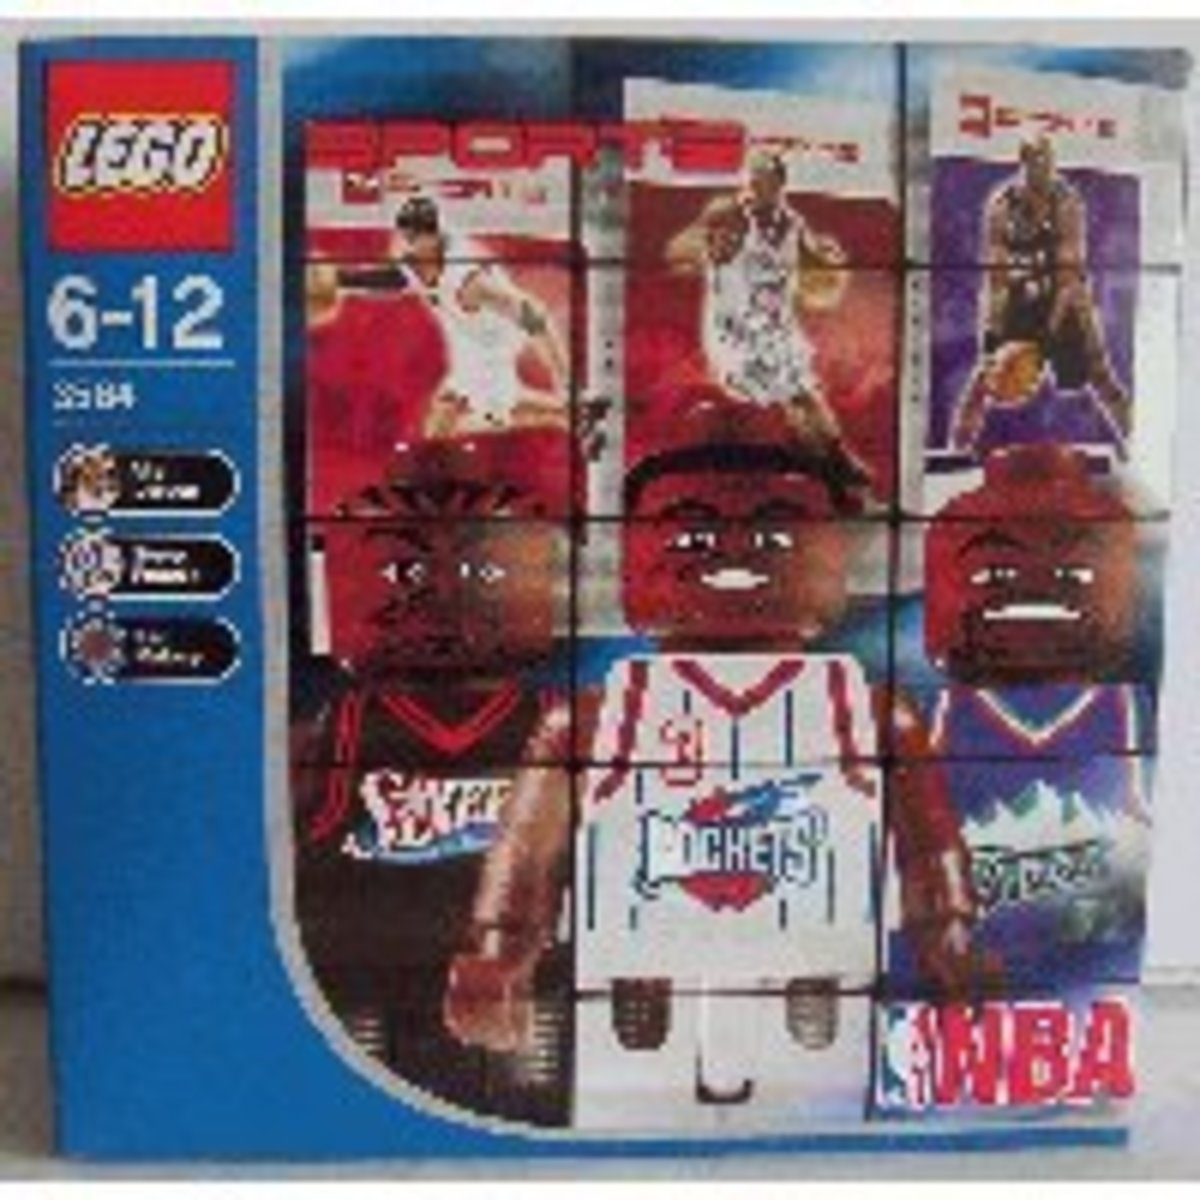 Lego NBA Collectors Set #5 in its box